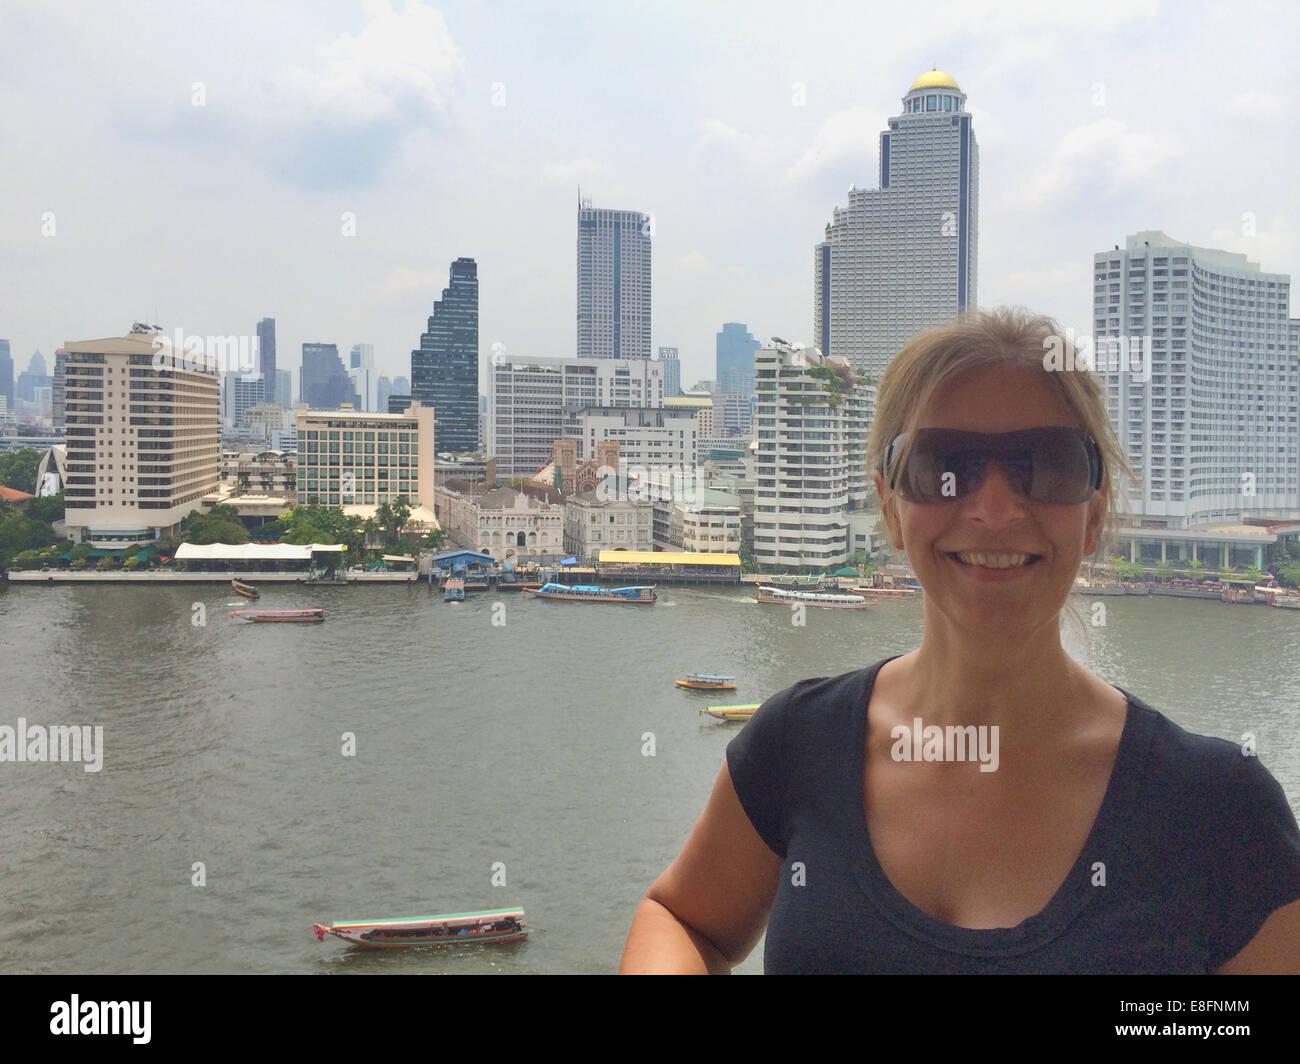 Tailandia, Bangkok, Retrato de mujer con paisaje urbano en segundo plano. Imagen De Stock